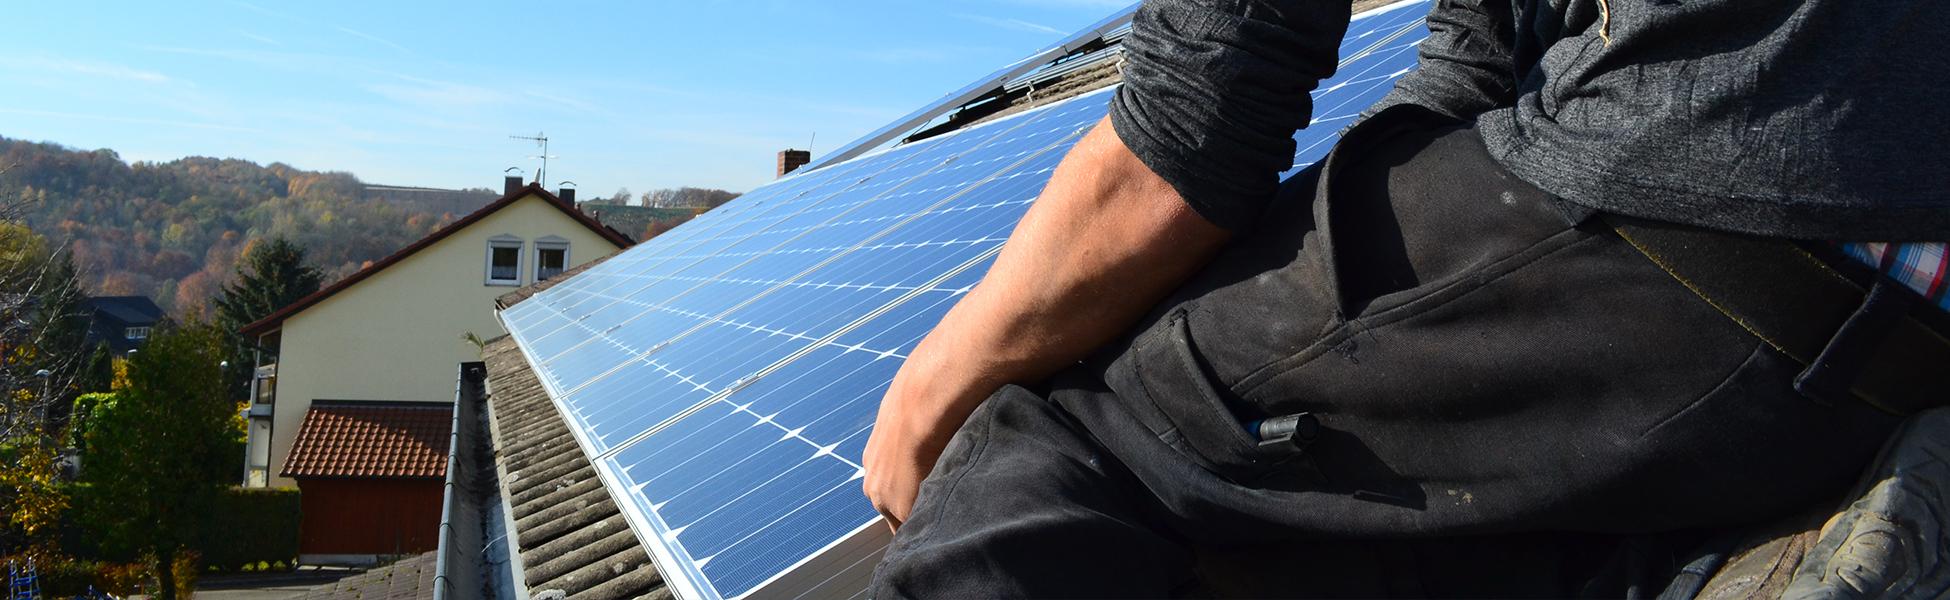 Montagearbeiten RIHM-Solar & Gebäudetechnik